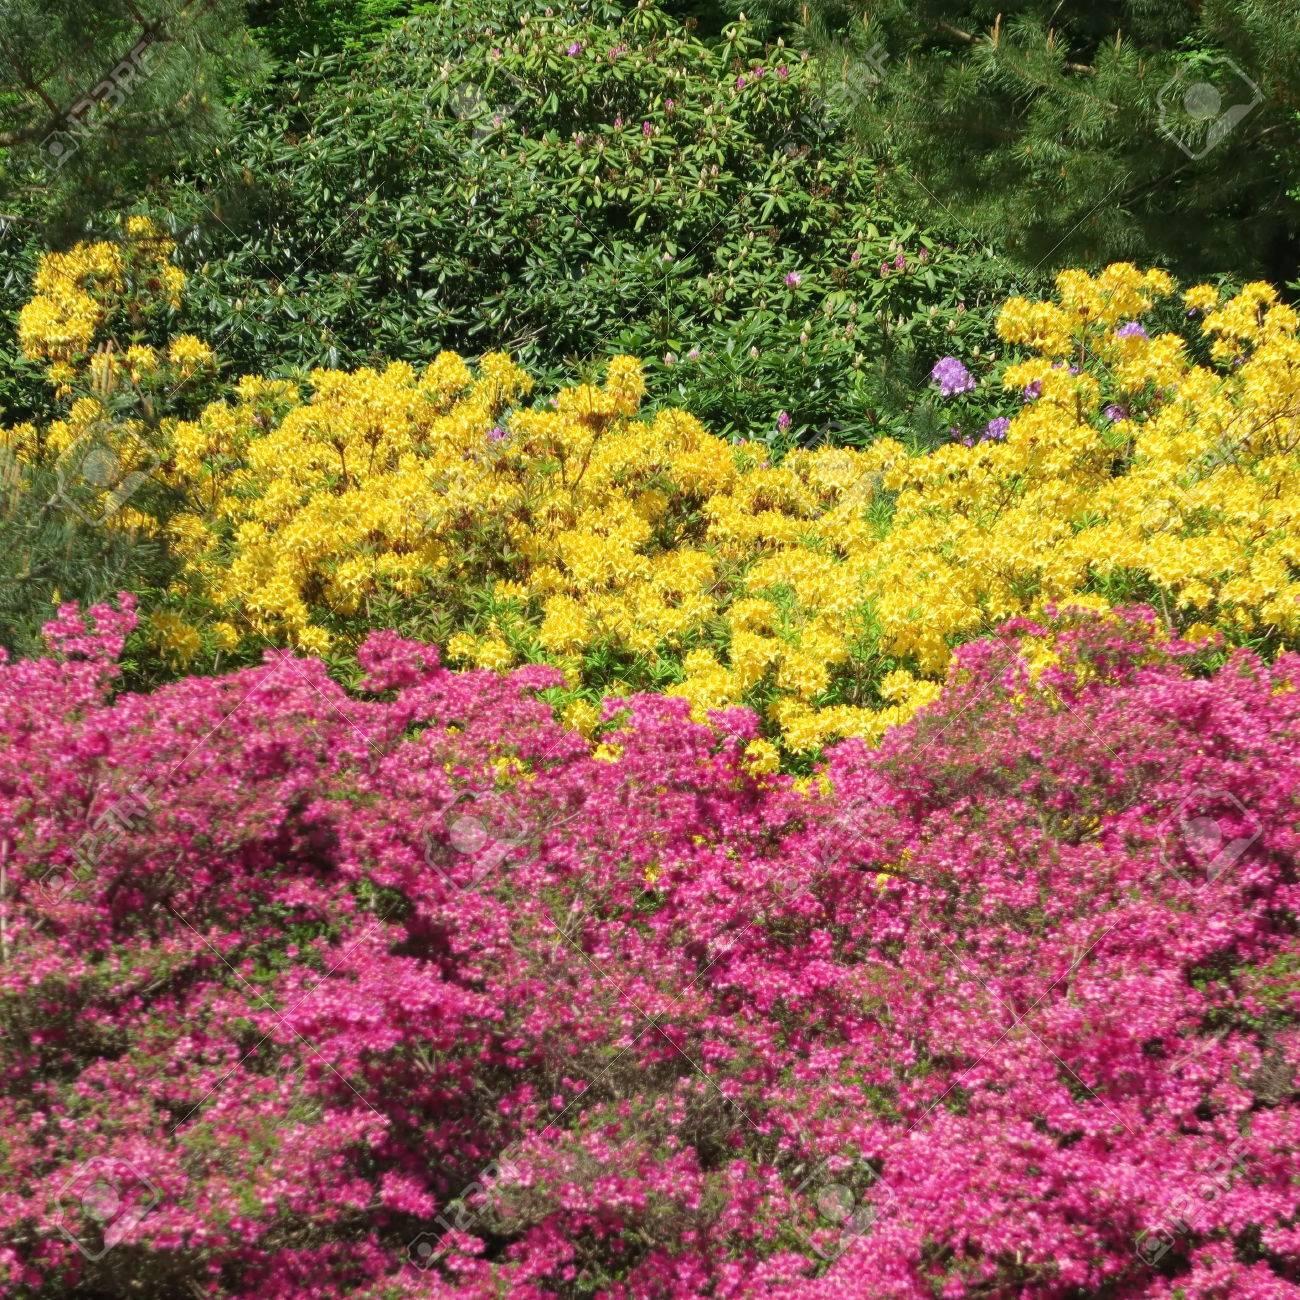 Großartig Blumen Mai Sammlung Von Standard-bild - Viele Bunte Blühen Im Von